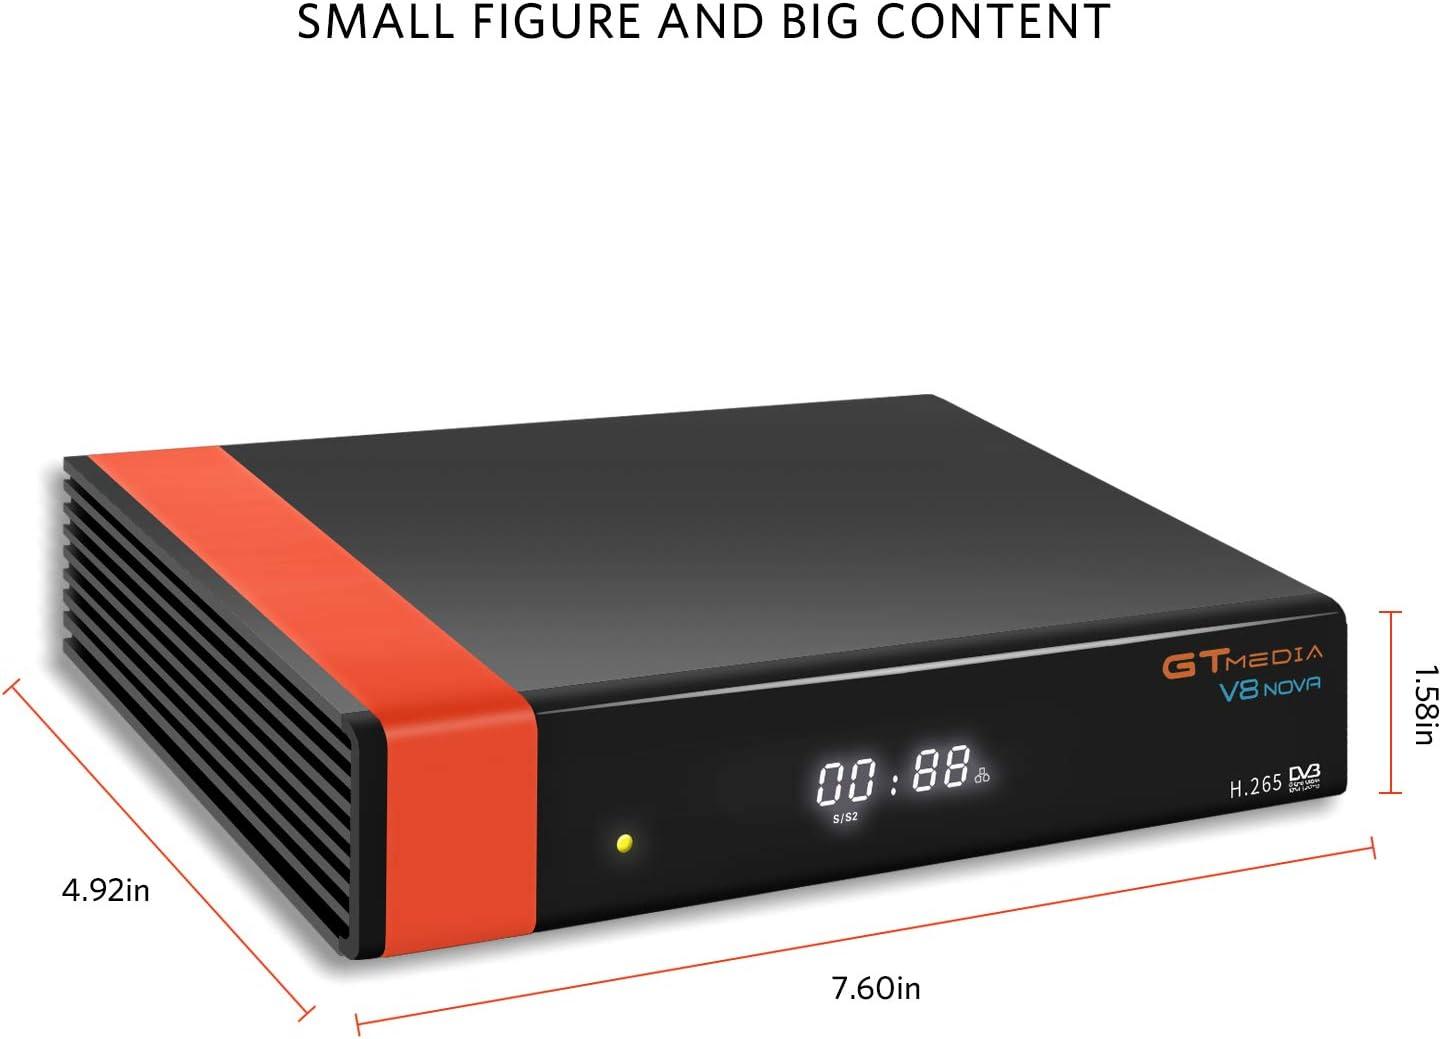 GT Media V8 Nova DVB-S2 Decodificador Satélite Receptor de TV Digital con Wi-Fi Incorporado / SCART / 1080P Full HD / FTA Soporte CC CAM, PVR Ready, Newcam, Youtube, PowerVu Dre Biss